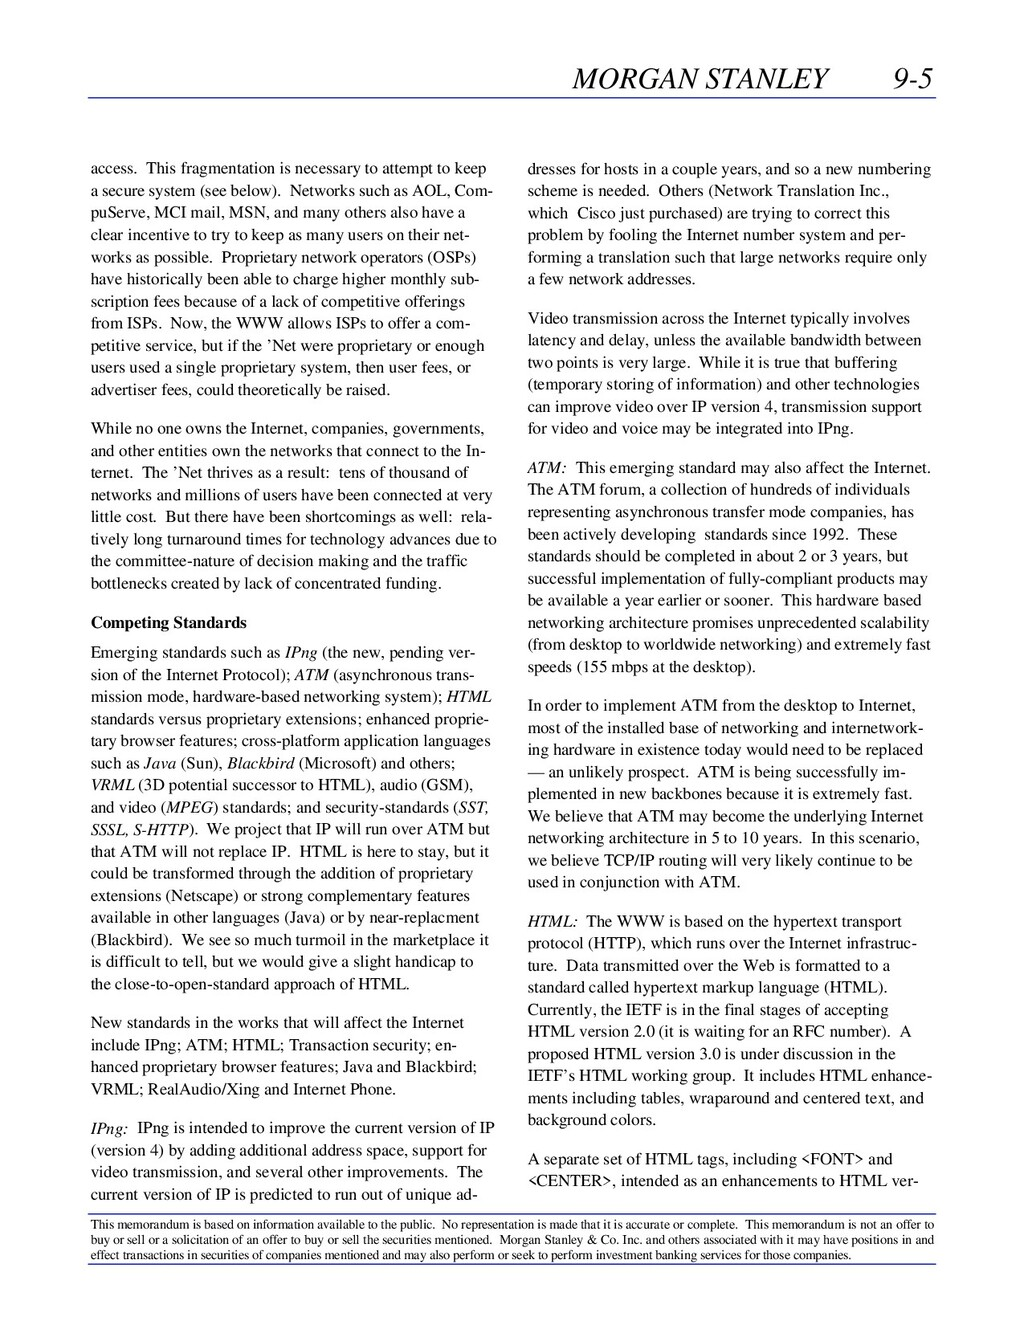 MORGAN STANLEY 9-5 This memorandum is based on ...